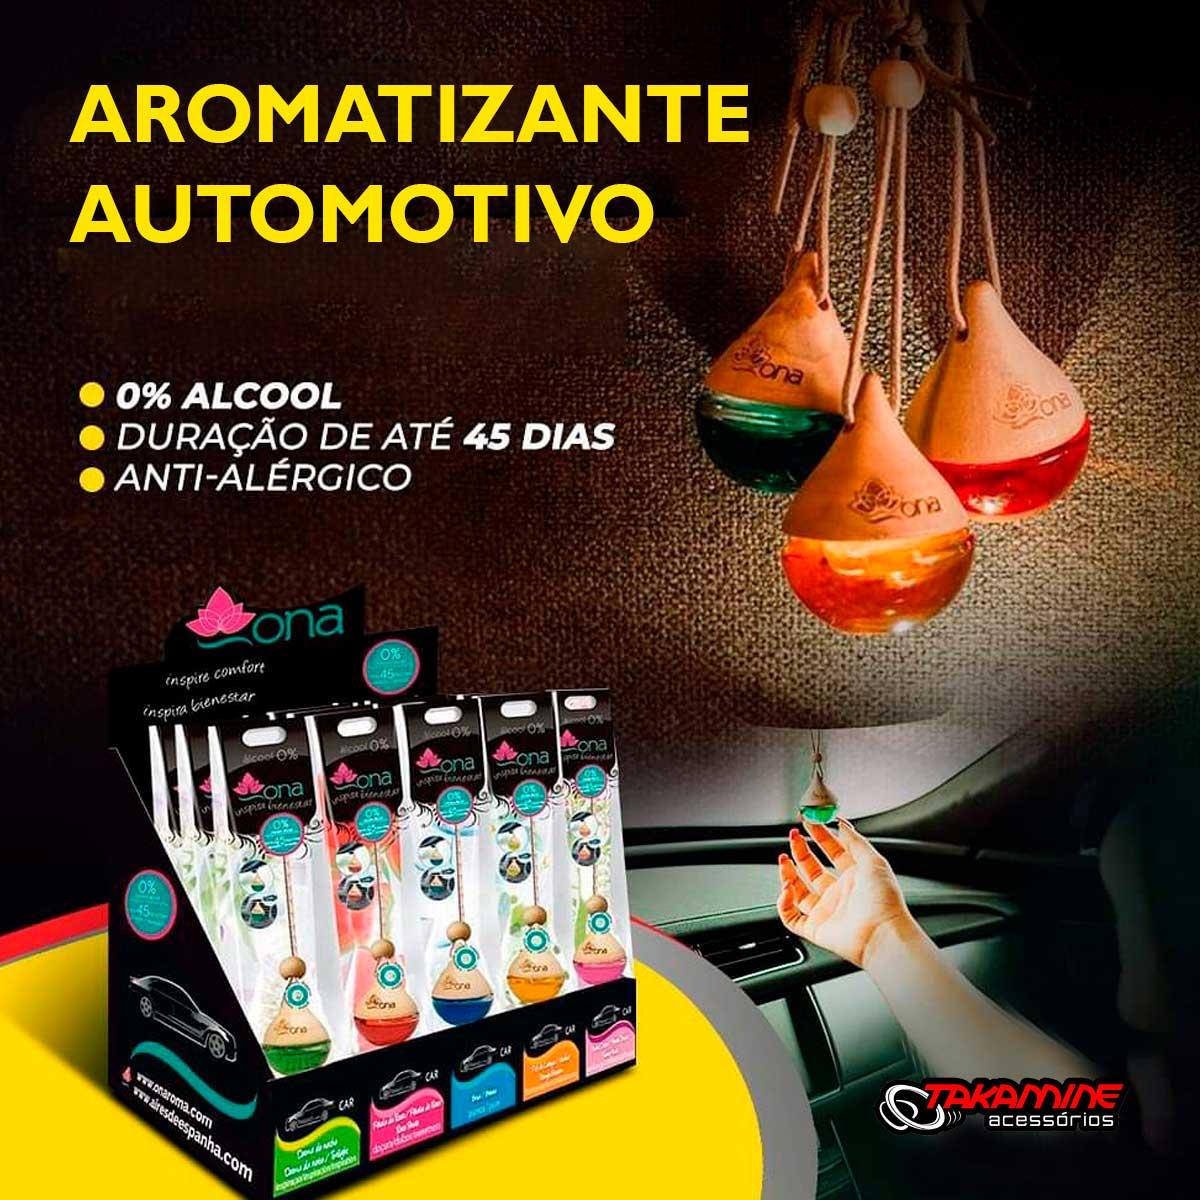 Aromatizante para Carro ONA fragância Pétala de rosa vidro 6ml